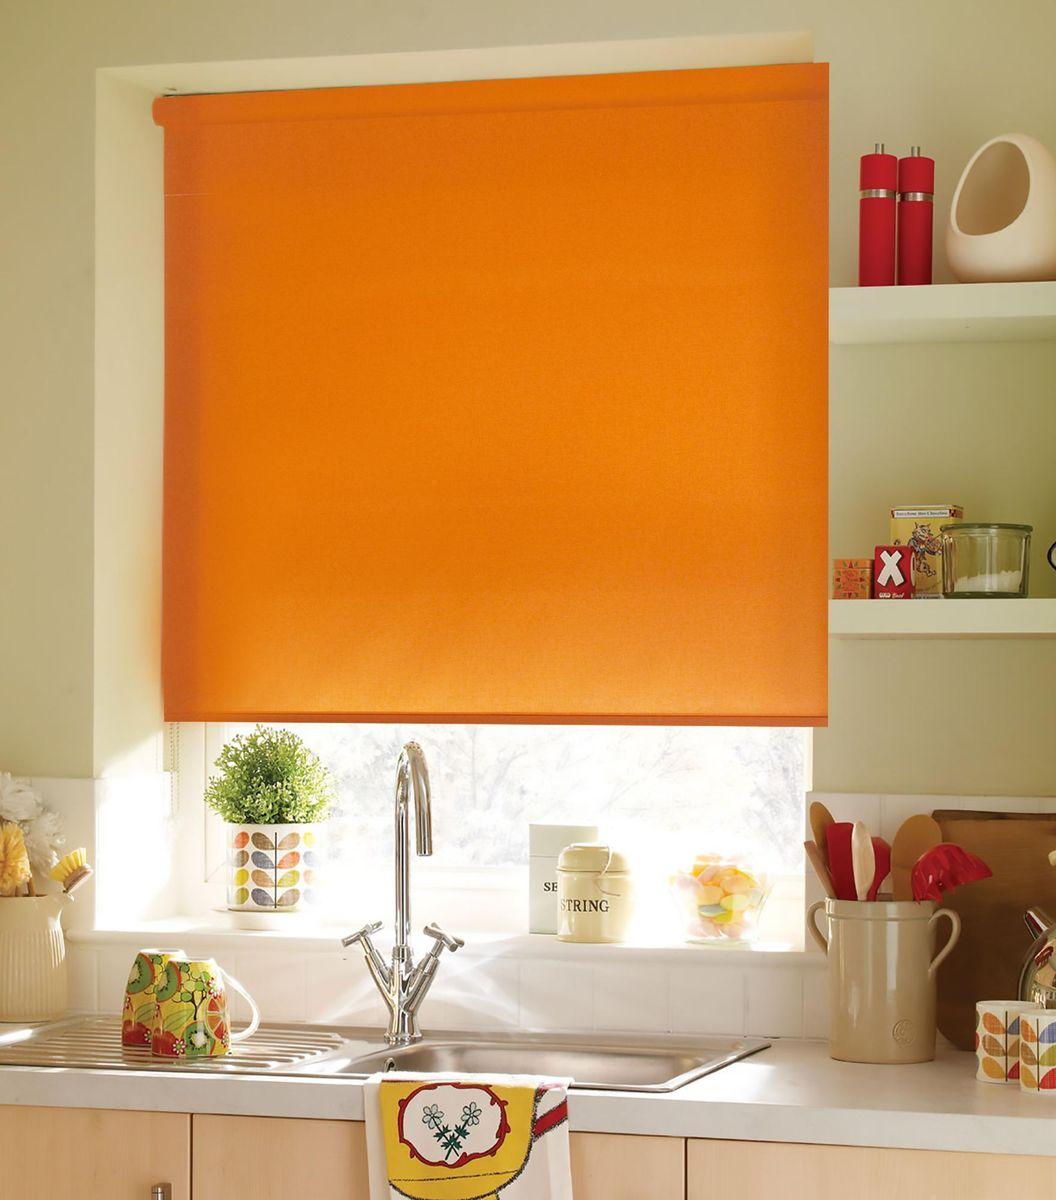 Штора рулонная Эскар, цвет: апельсиновый, ширина 150 см, высота 170 см81203150170Рулонными шторами Эскар можно оформлять окна как самостоятельно, так и использовать в комбинации с портьерами. Это поможет предотвратить выгорание дорогой ткани на солнце и соединит функционал рулонных с красотой навесных. Преимущества применения рулонных штор для пластиковых окон: - имеют прекрасный внешний вид: многообразие и фактурность материала изделия отлично смотрятся в любом интерьере;- многофункциональны: есть возможность подобрать шторы способные эффективно защитить комнату от солнца, при этом она не будет слишком темной. - Есть возможность осуществить быстрый монтаж.ВНИМАНИЕ! Размеры ширины изделия указаны по ширине ткани! Во время эксплуатации не рекомендуется полностью разматывать рулон, чтобы не оторвать ткань от намоточного вала. В случае загрязнения поверхности ткани, чистку шторы проводят одним из способов, в зависимости от типа загрязнения:легкое поверхностное загрязнение можно удалить при помощи канцелярского ластика;чистка от пыли производится сухим методом при помощи пылесоса с мягкой щеткой-насадкой;для удаления пятна используйте мягкую губку с пенообразующим неагрессивным моющим средством или пятновыводитель на натуральной основе (нельзя применять растворители).